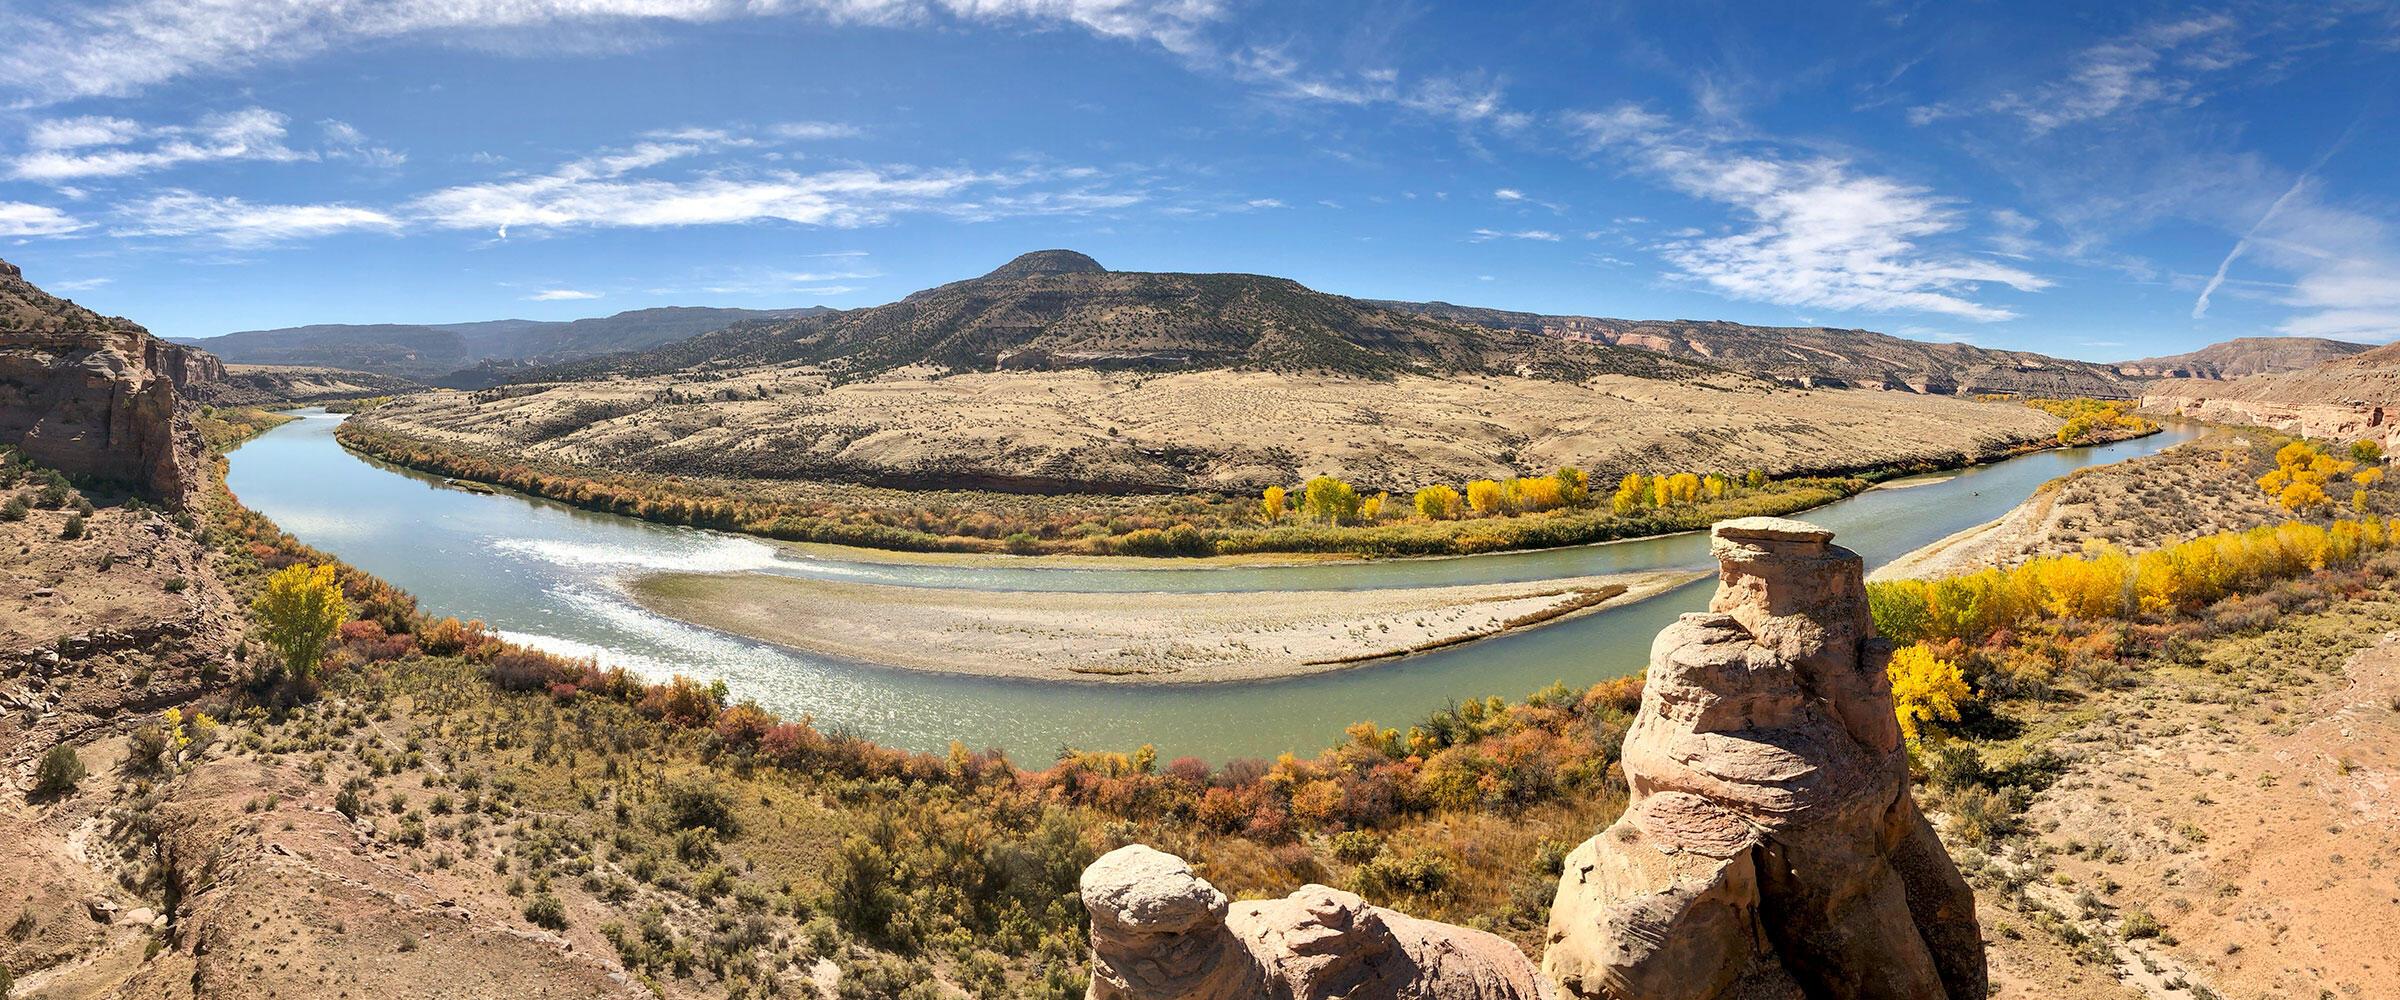 El Río Colorado fluye a través de Mesa County.